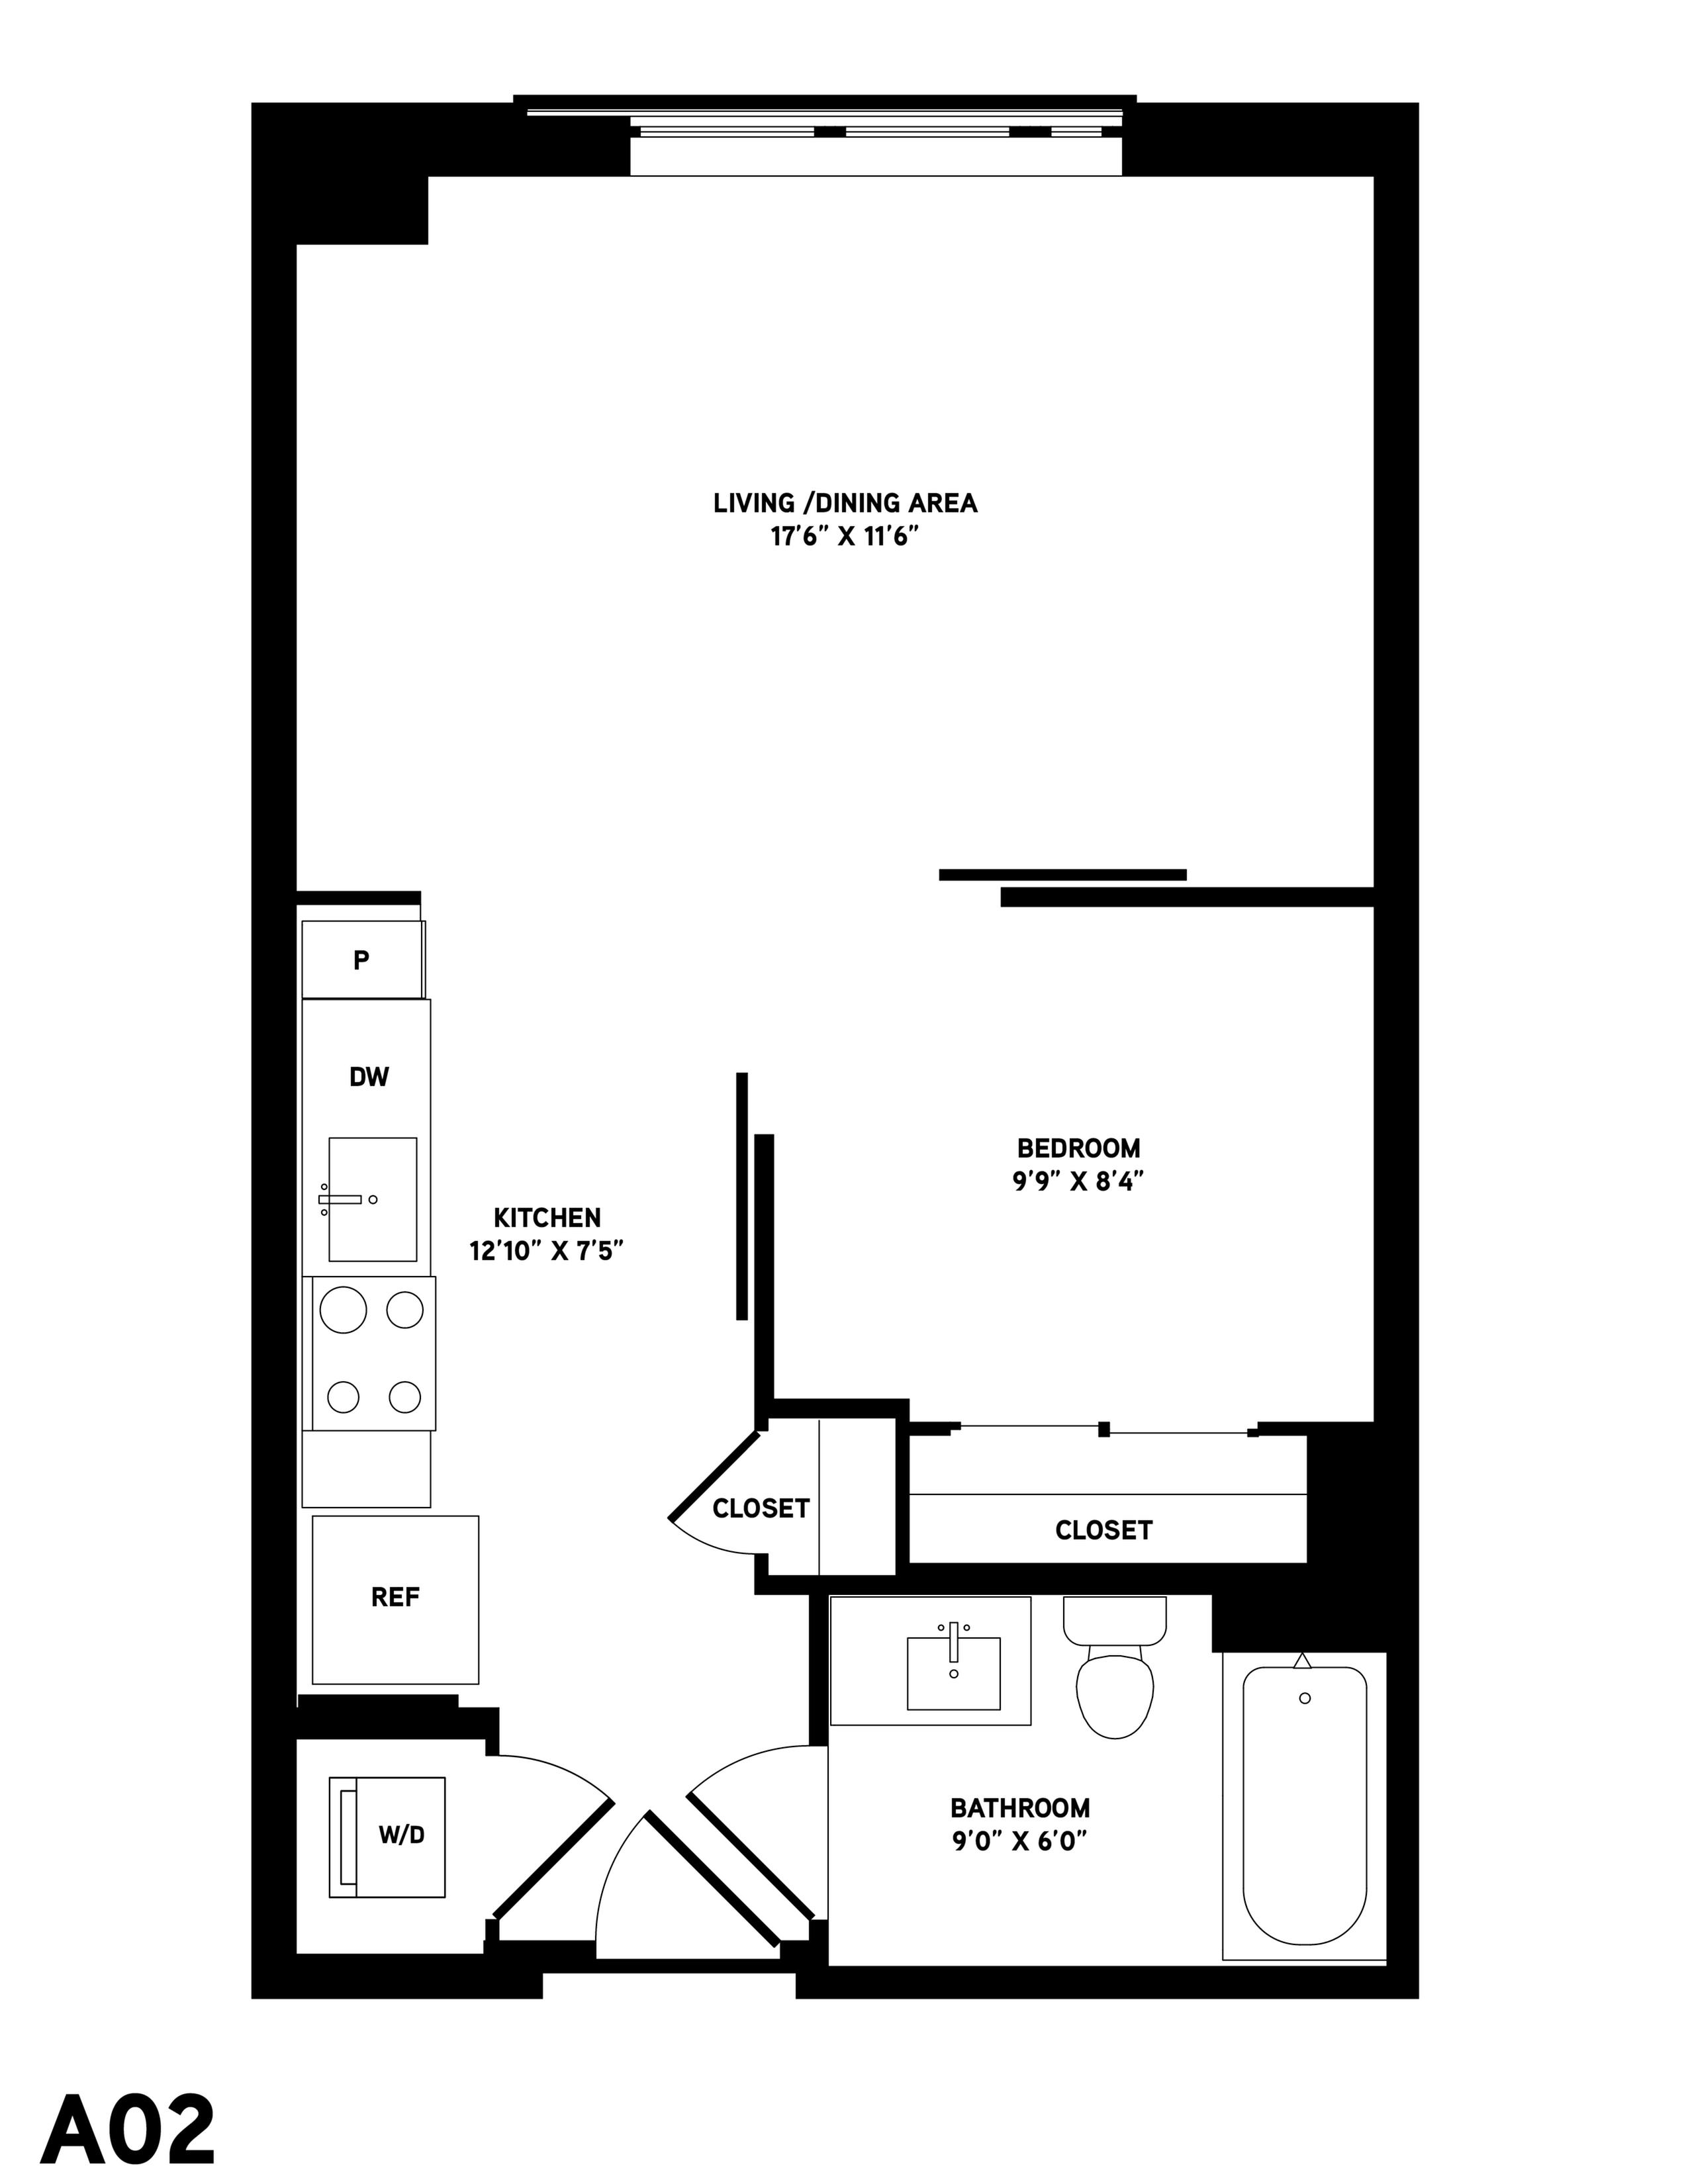 1 Bedroom Floor Plan | The Rixey | Off-Campus Student Housing In Arlington VA